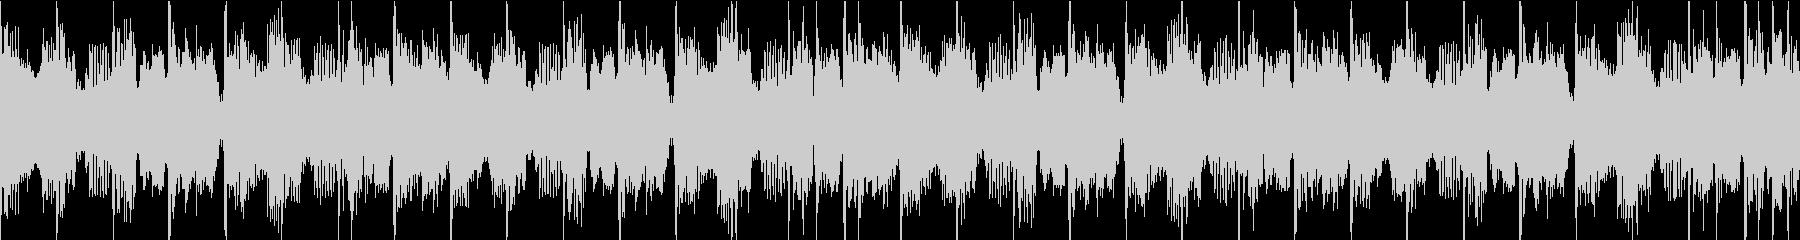 モダンなインディーロックサウンドと...の未再生の波形